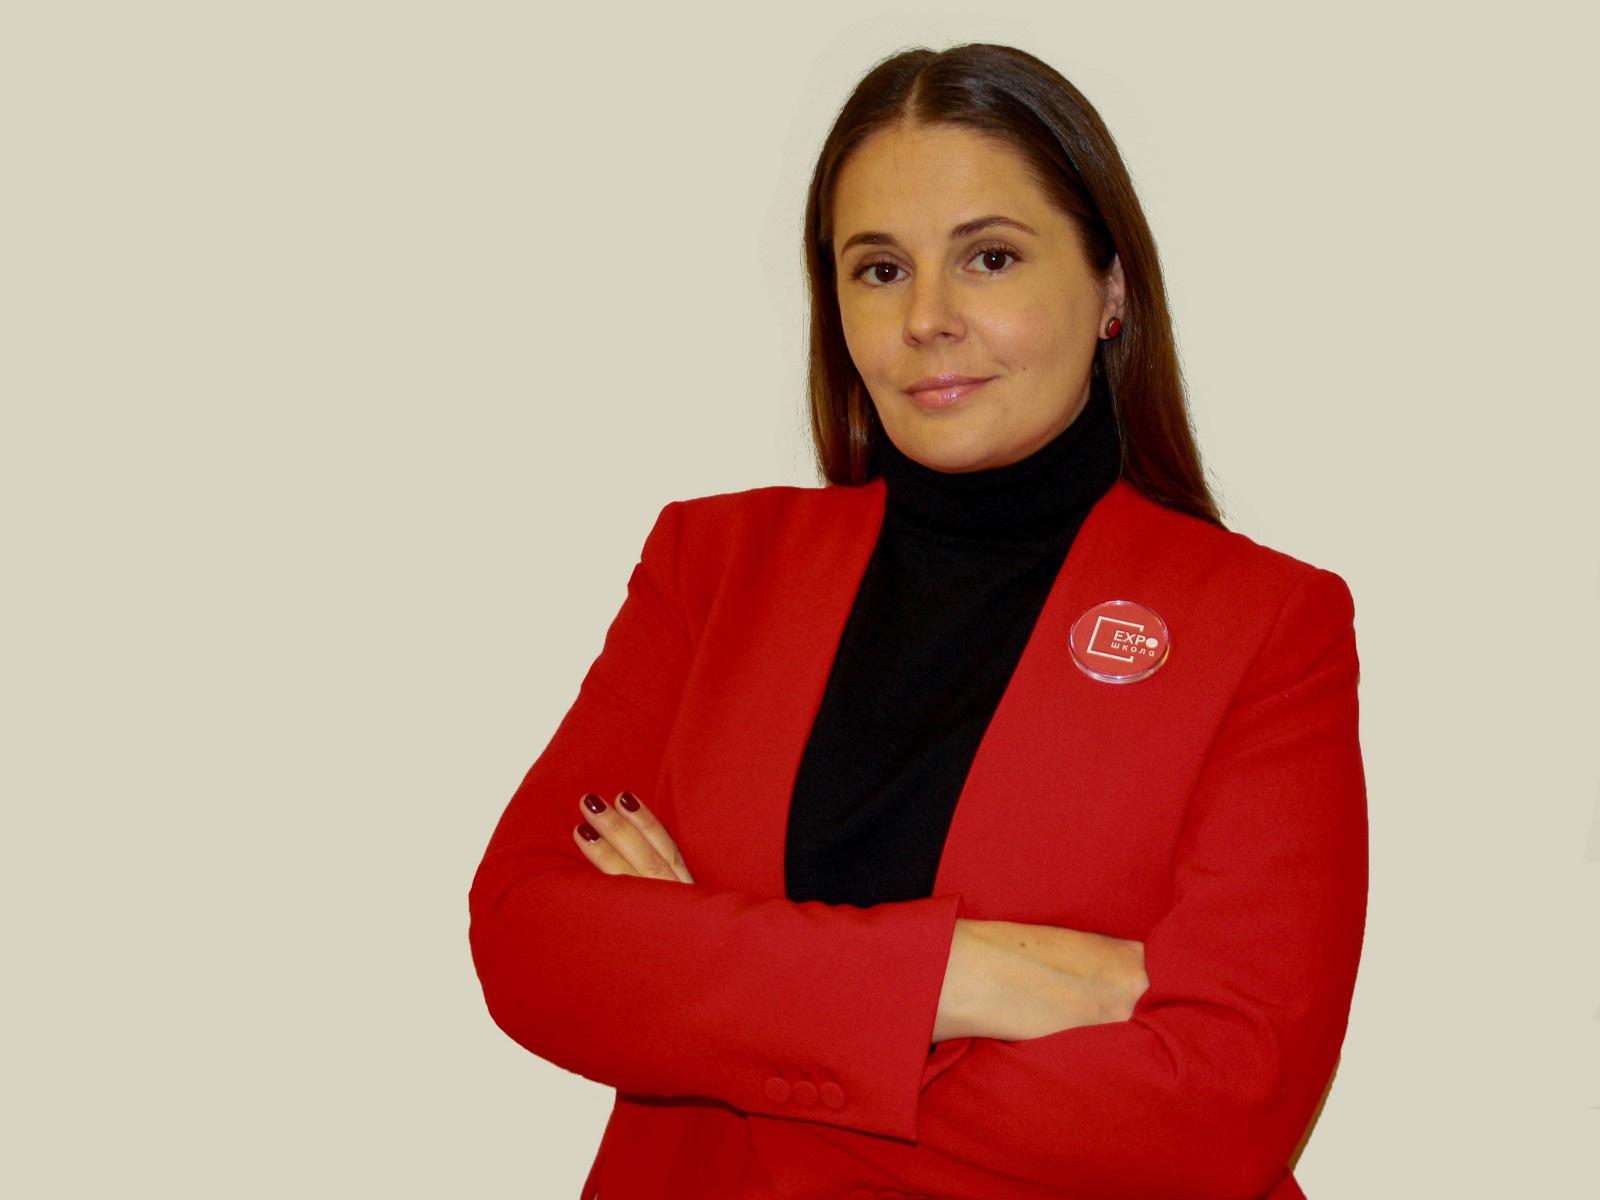 Елена Конвисар. Продающий дизайн деловых мероприятий и пространств